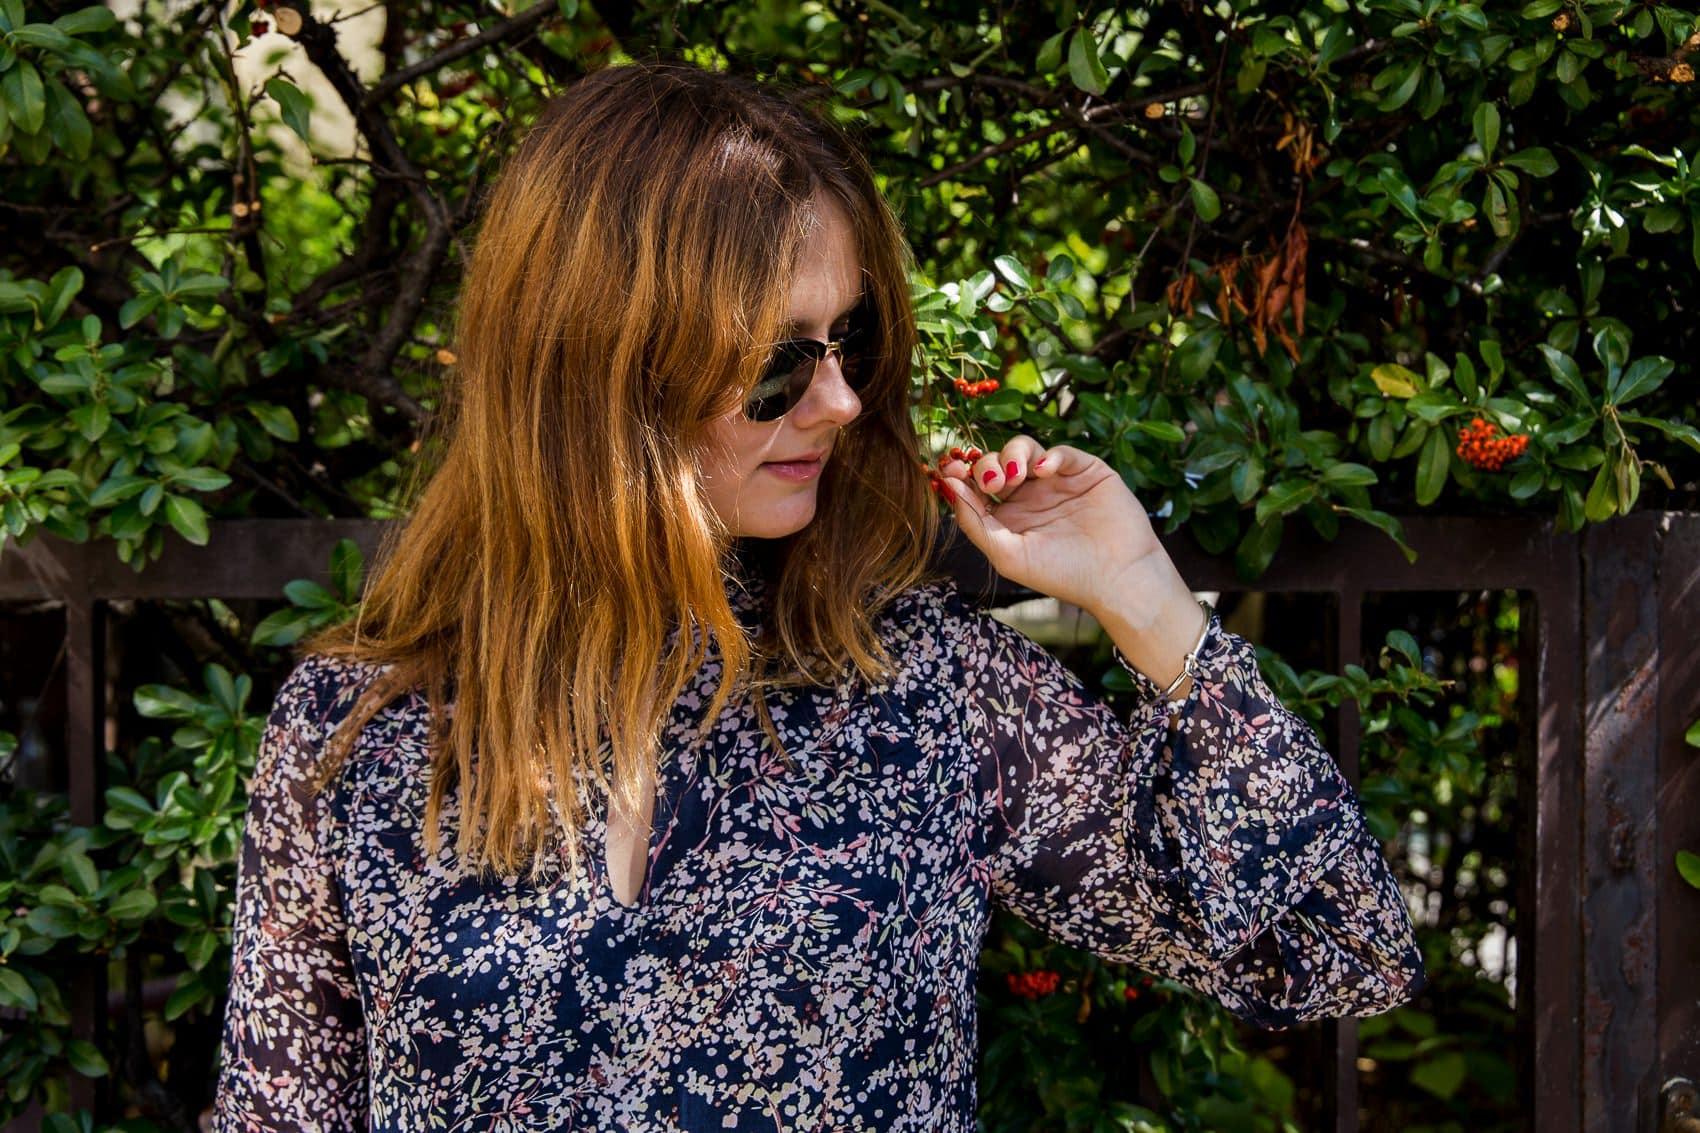 Der Sommer ist zurück: Das etwas andere Blümchenkleid